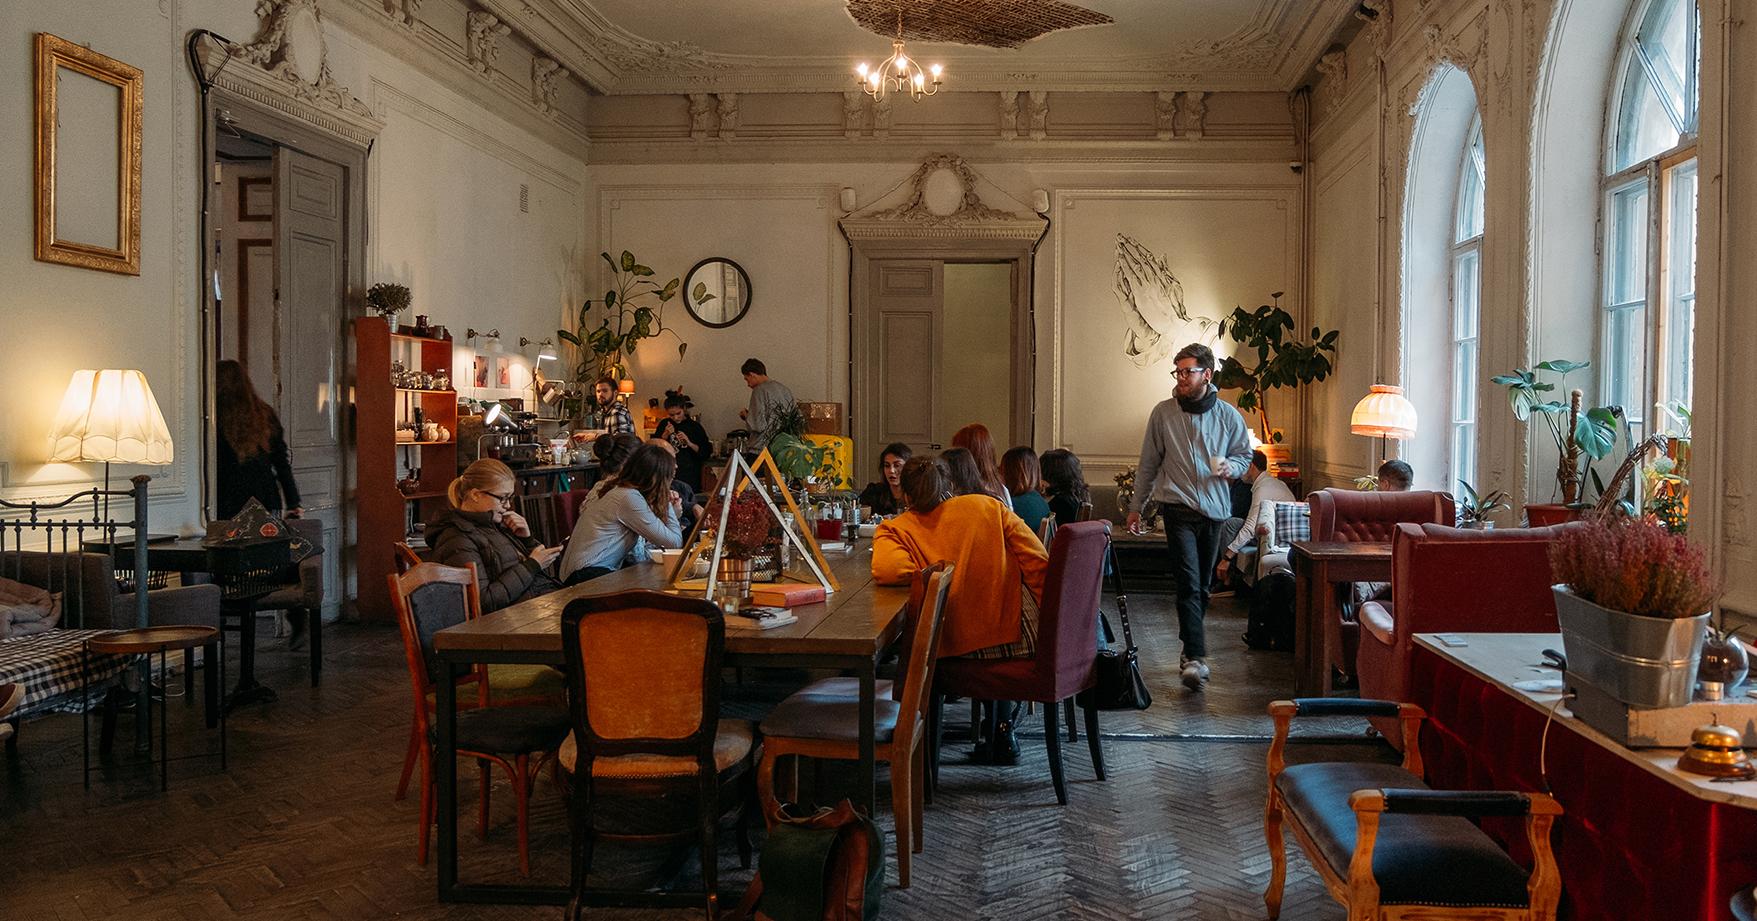 Бизнес креативных пространств Петербурга: как открыть лофт в заброшенном заводе и не прогореть